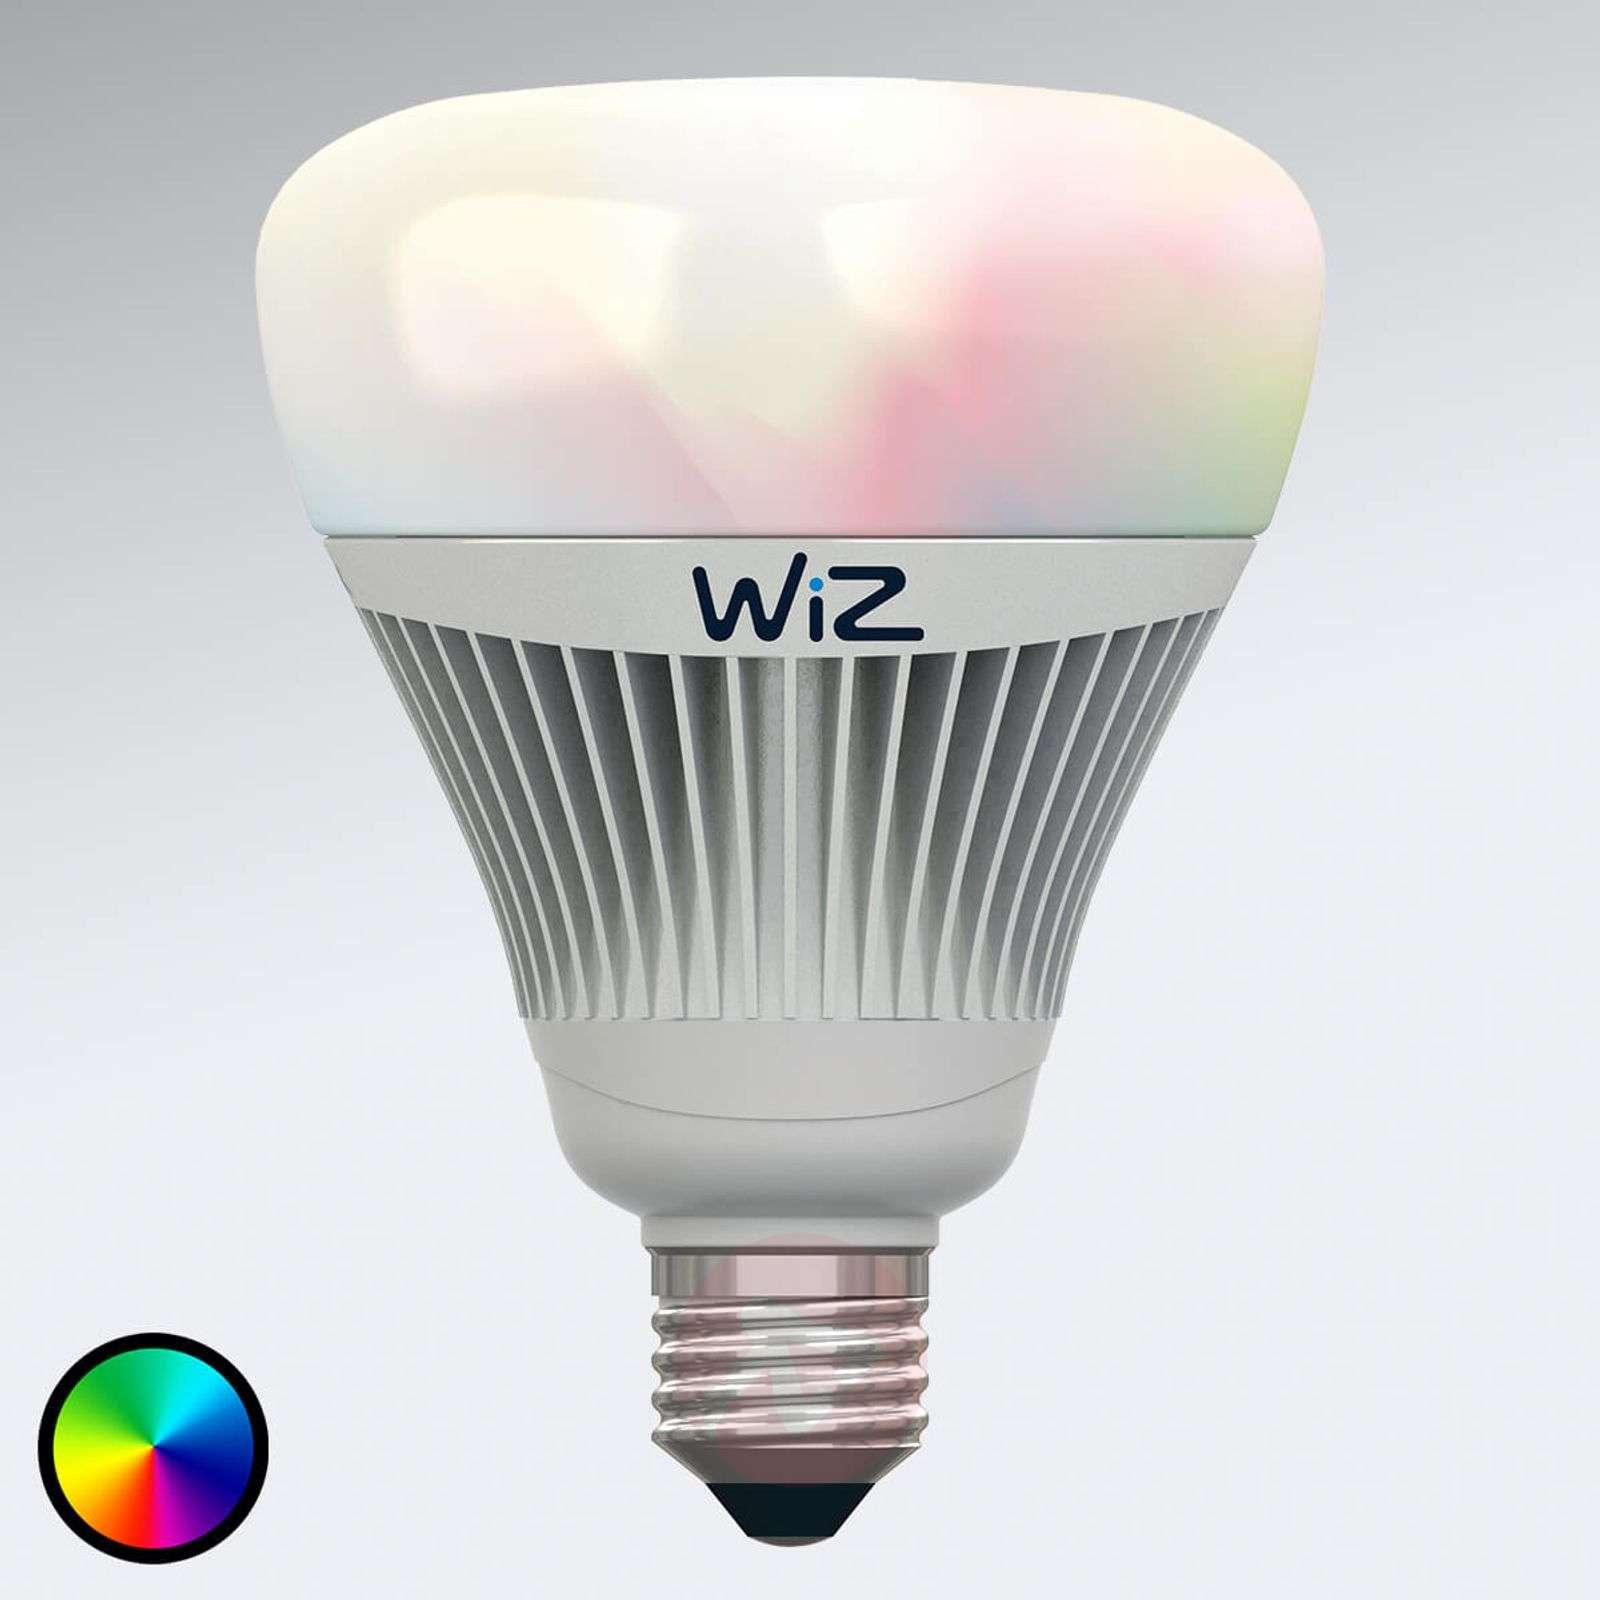 LED-lamppu E27 WiZ, ei kaukosäädintä, RGB + valk.-9038077-01